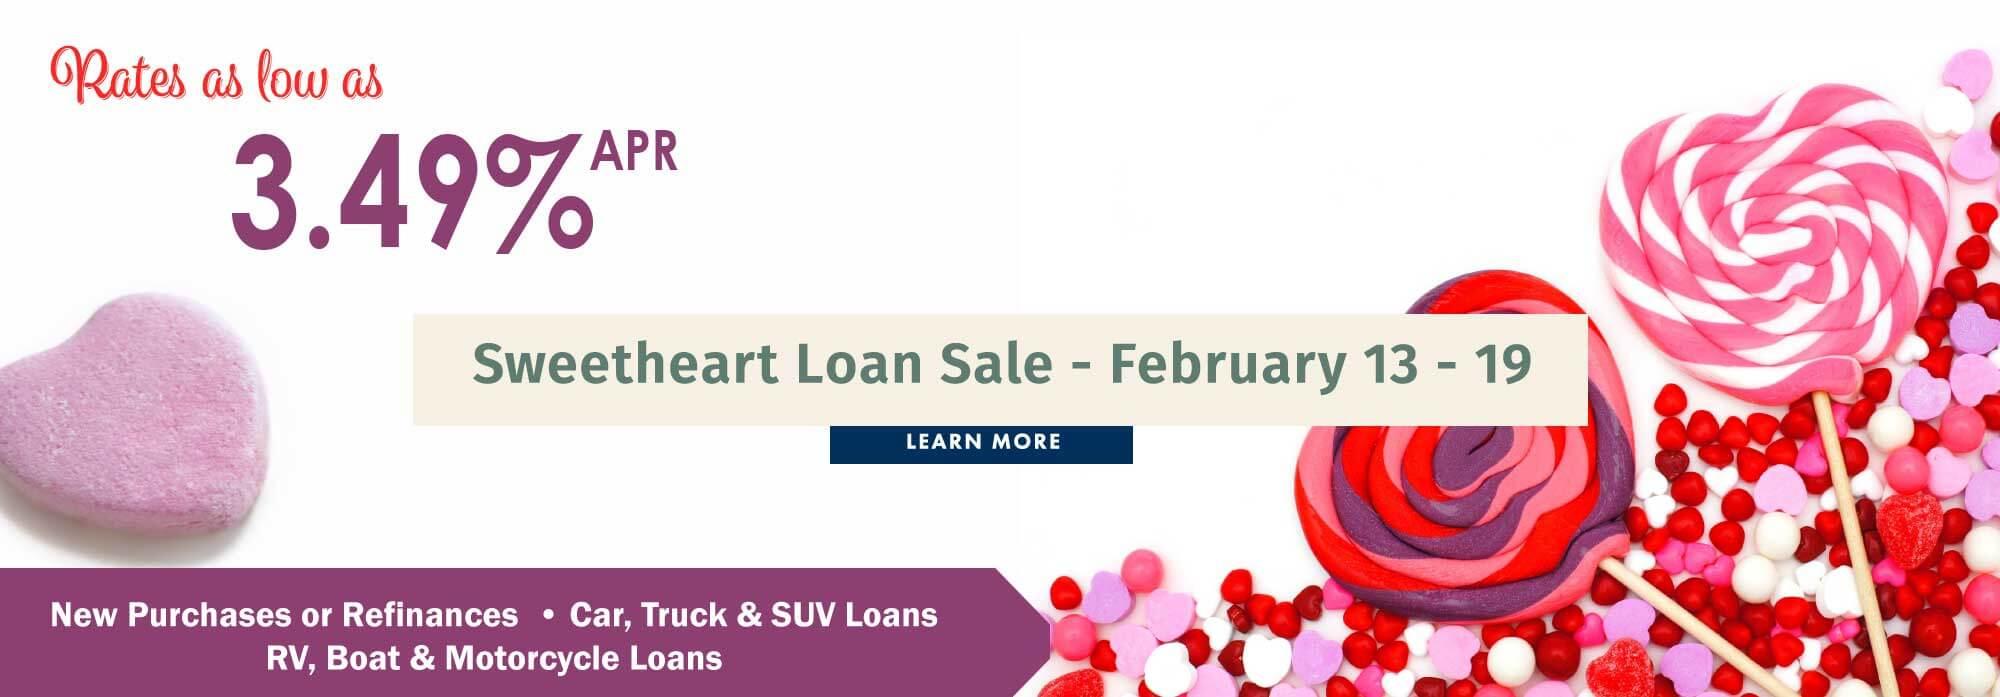 Sweetheart Loan Sale - February 13 - February 19